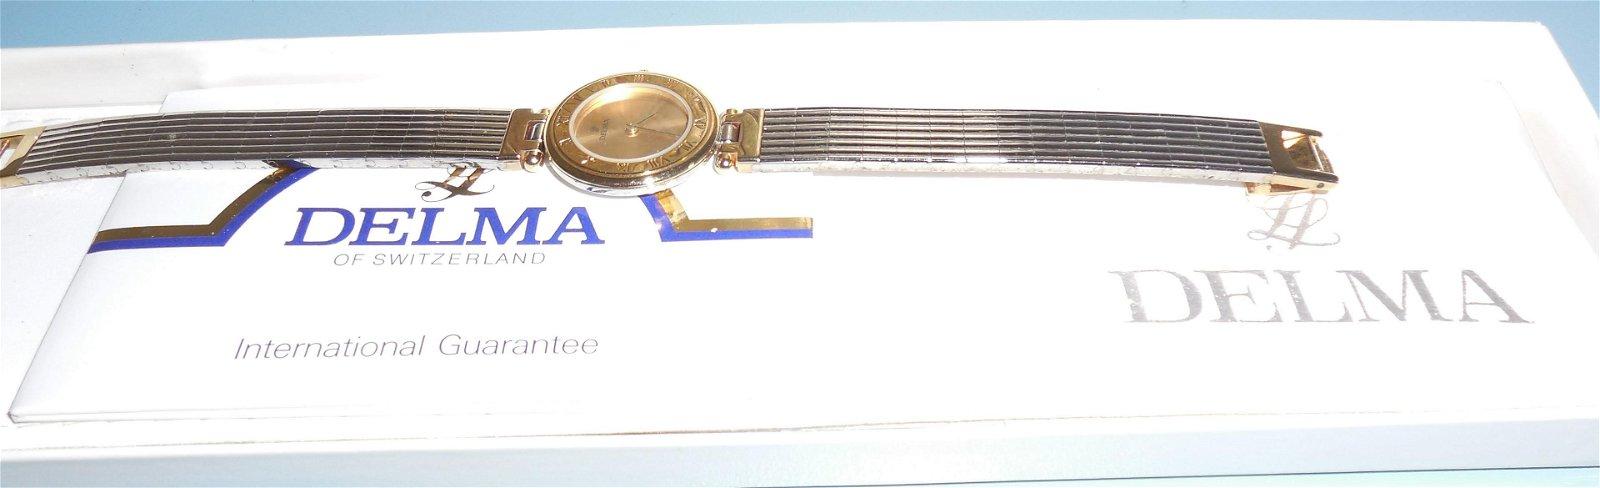 Delma Ladies Wrist Watch W-1126